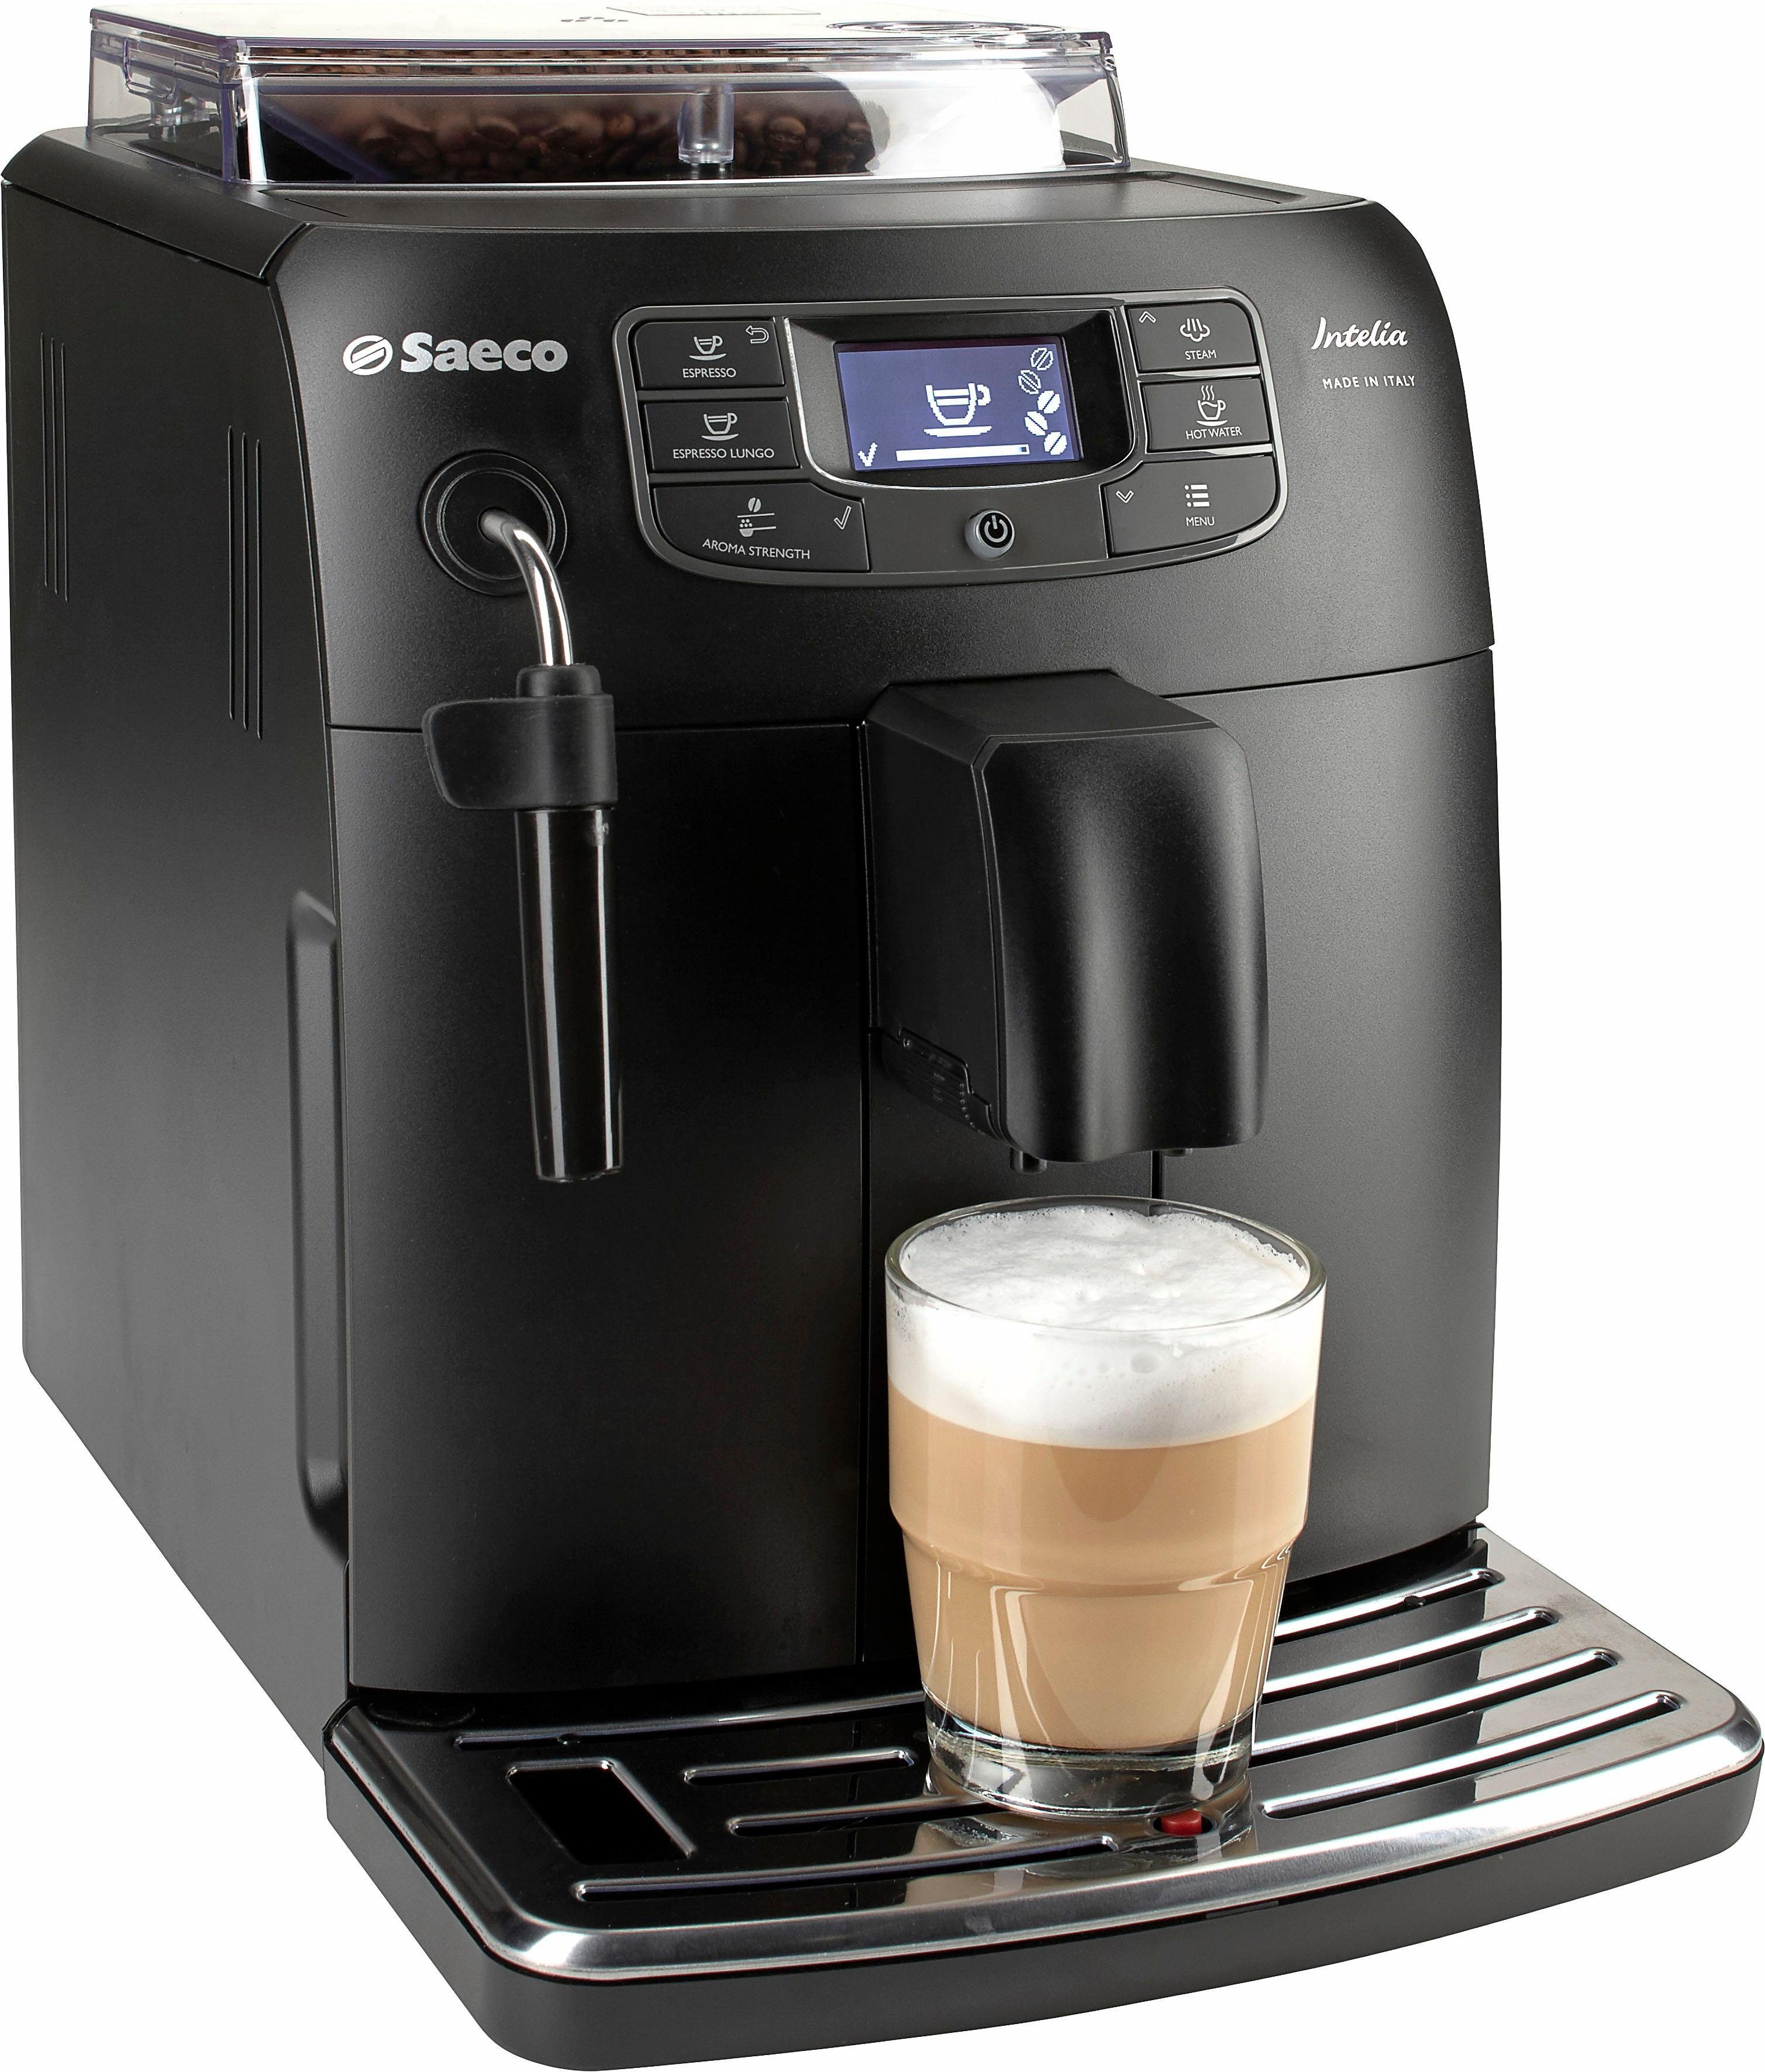 Saeco Kaffeevollautomat HD8900/01 Intelia Deluxe, 1,5l Tank, Scheibenmahlwerk, mit Durchlauferhitzer